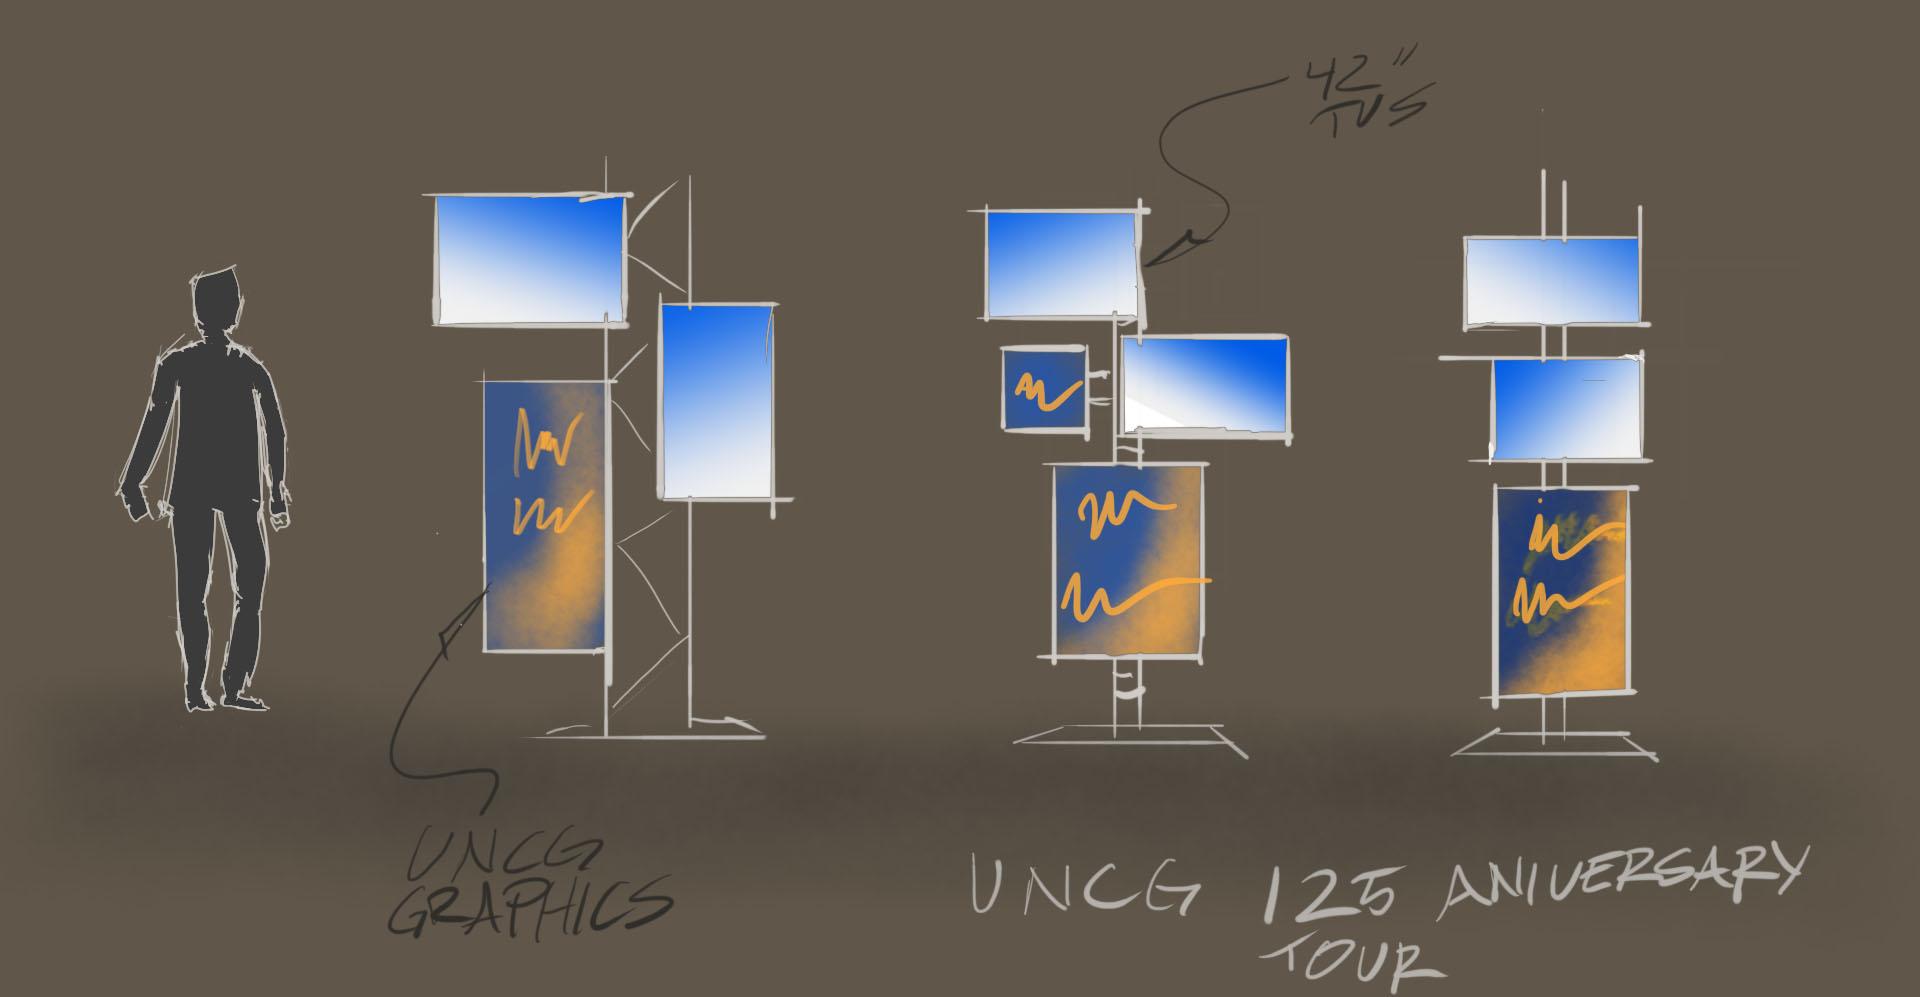 uncg 125 tv stands